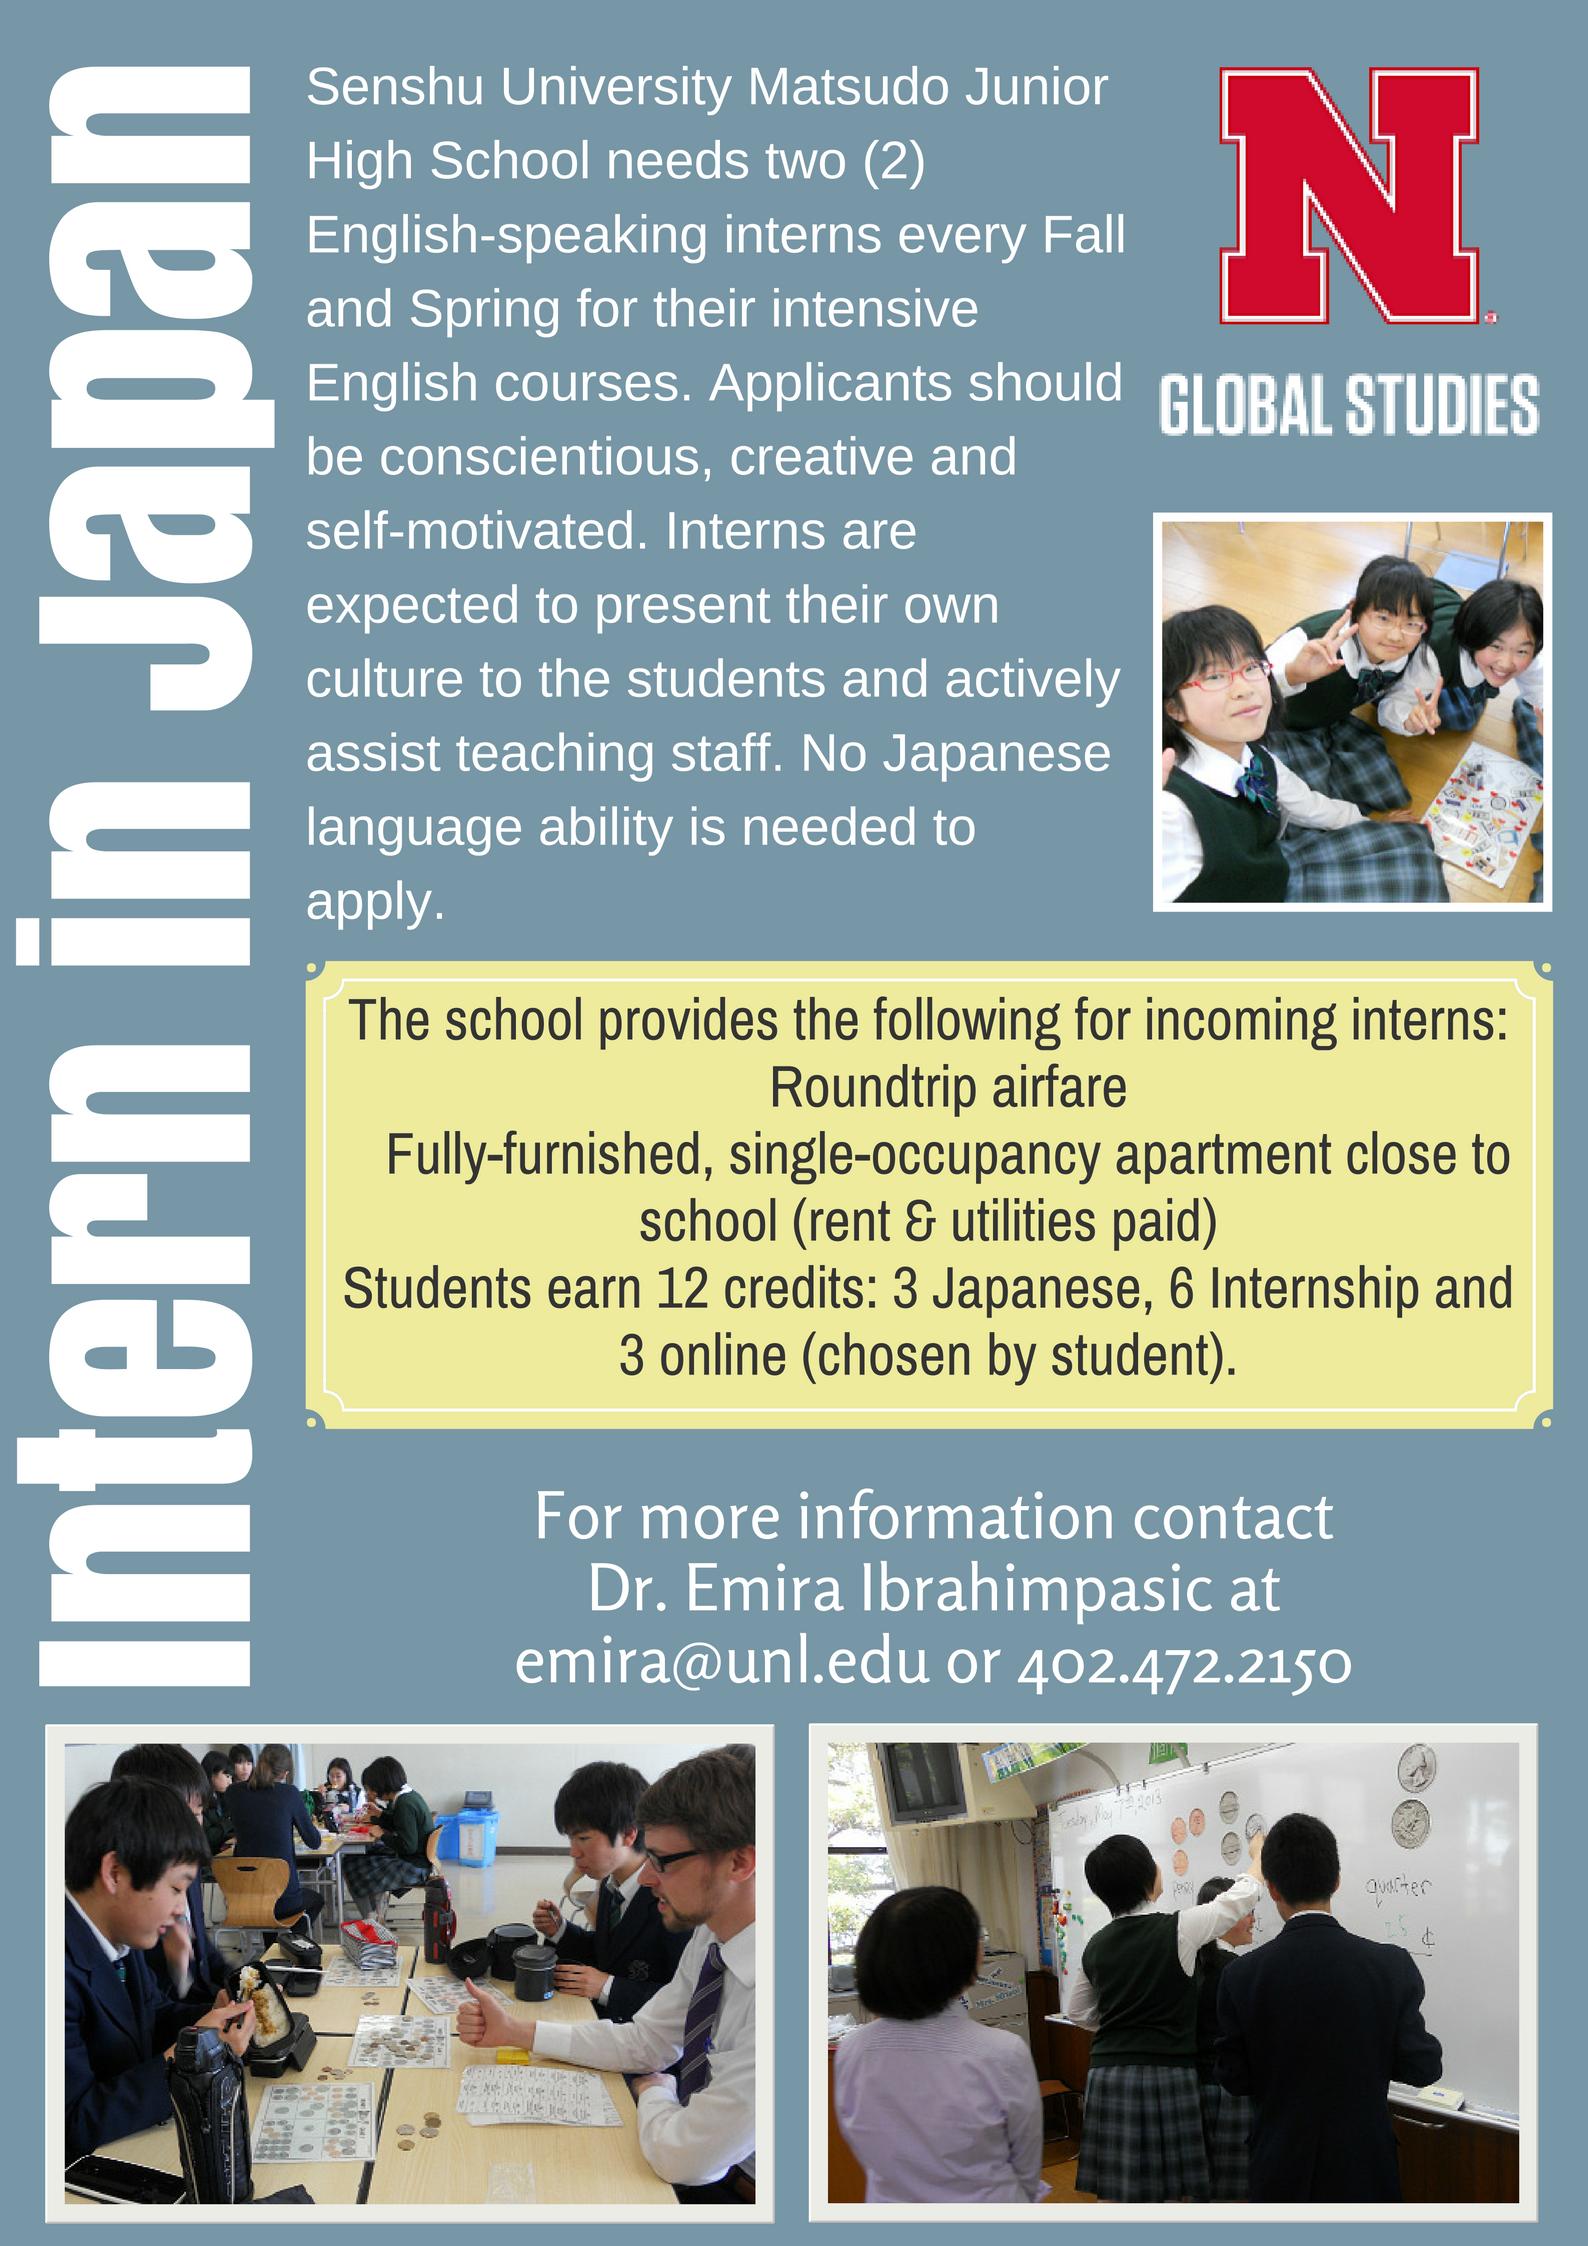 Intern in Japan in Spring 2020